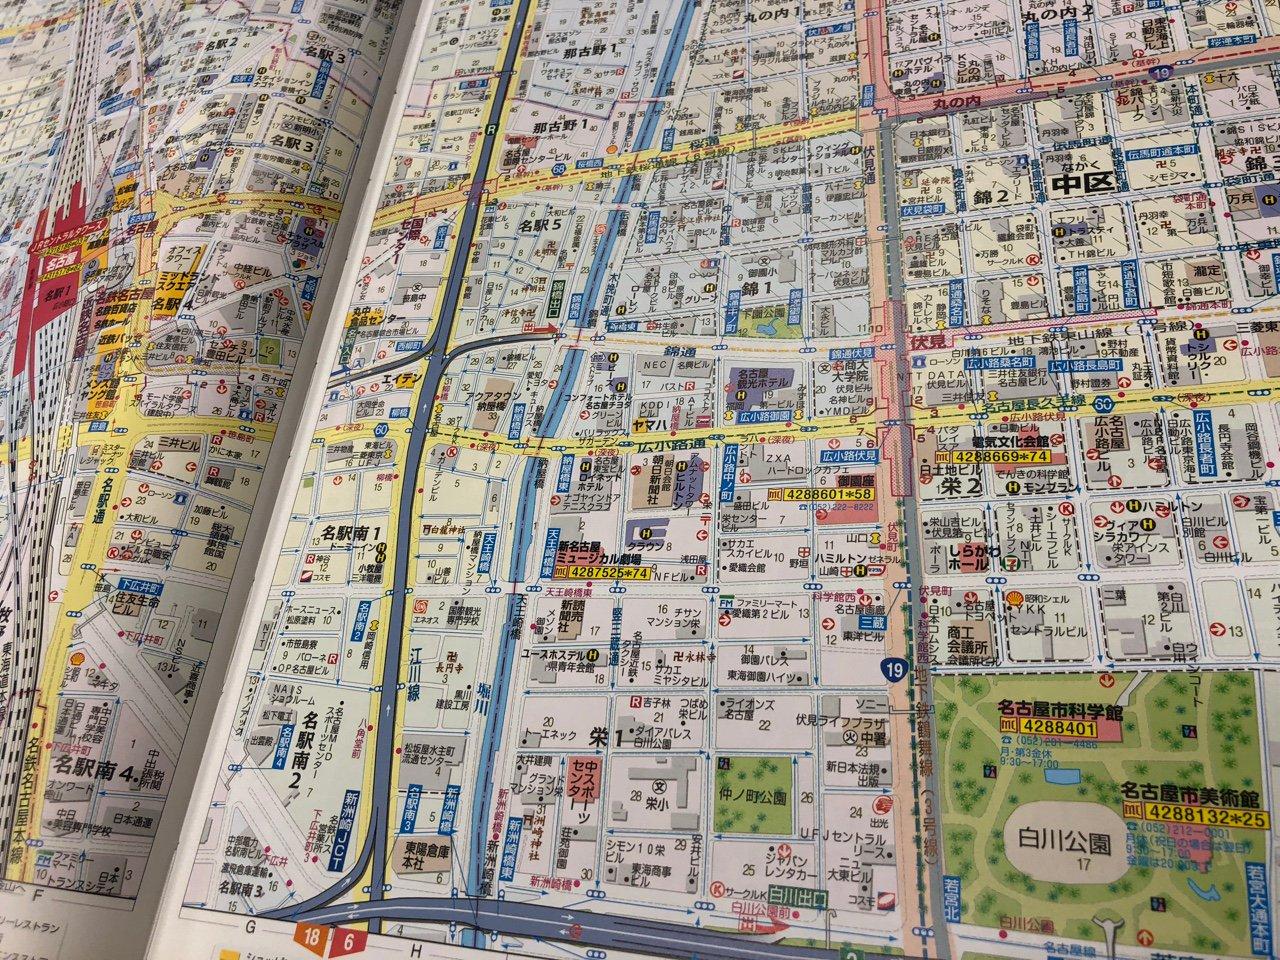 地図上にマップコードがちらほら。  アトラスRDC 愛知県 道路地図 (2007年5月発行) https://t.co/72fxlO28Oj